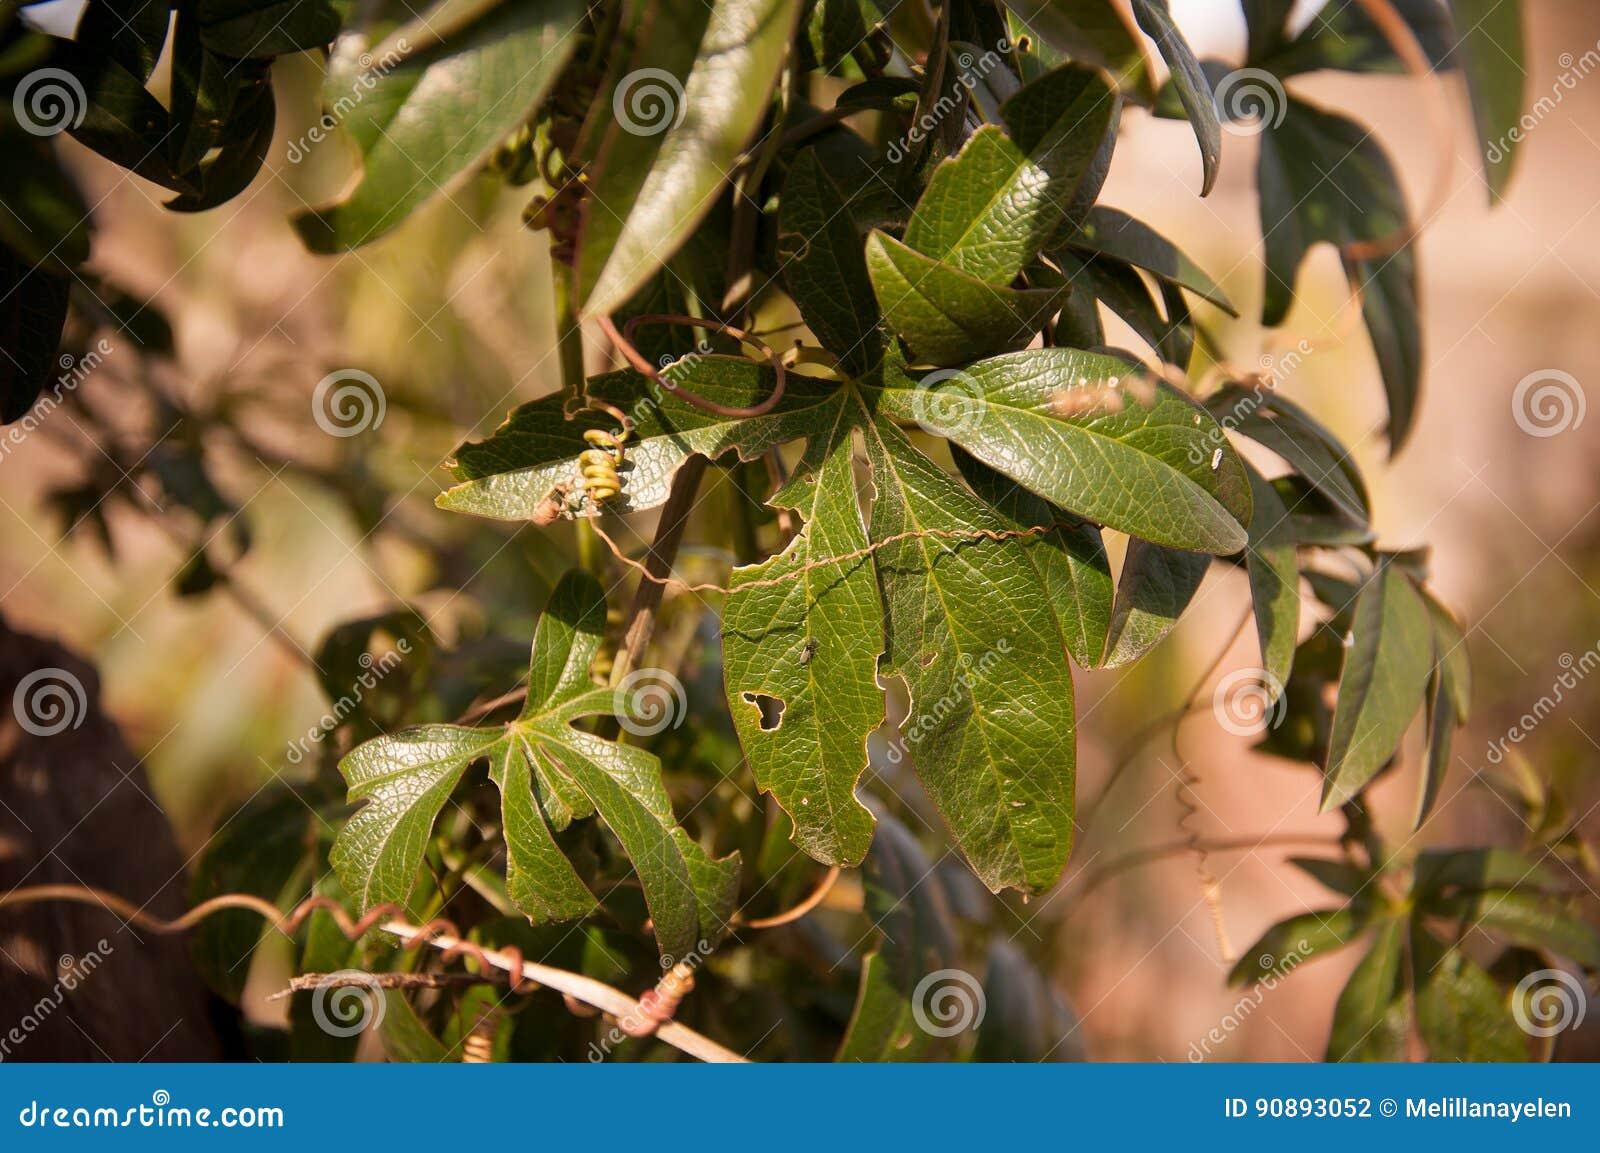 Leaf of passiflora caerulea